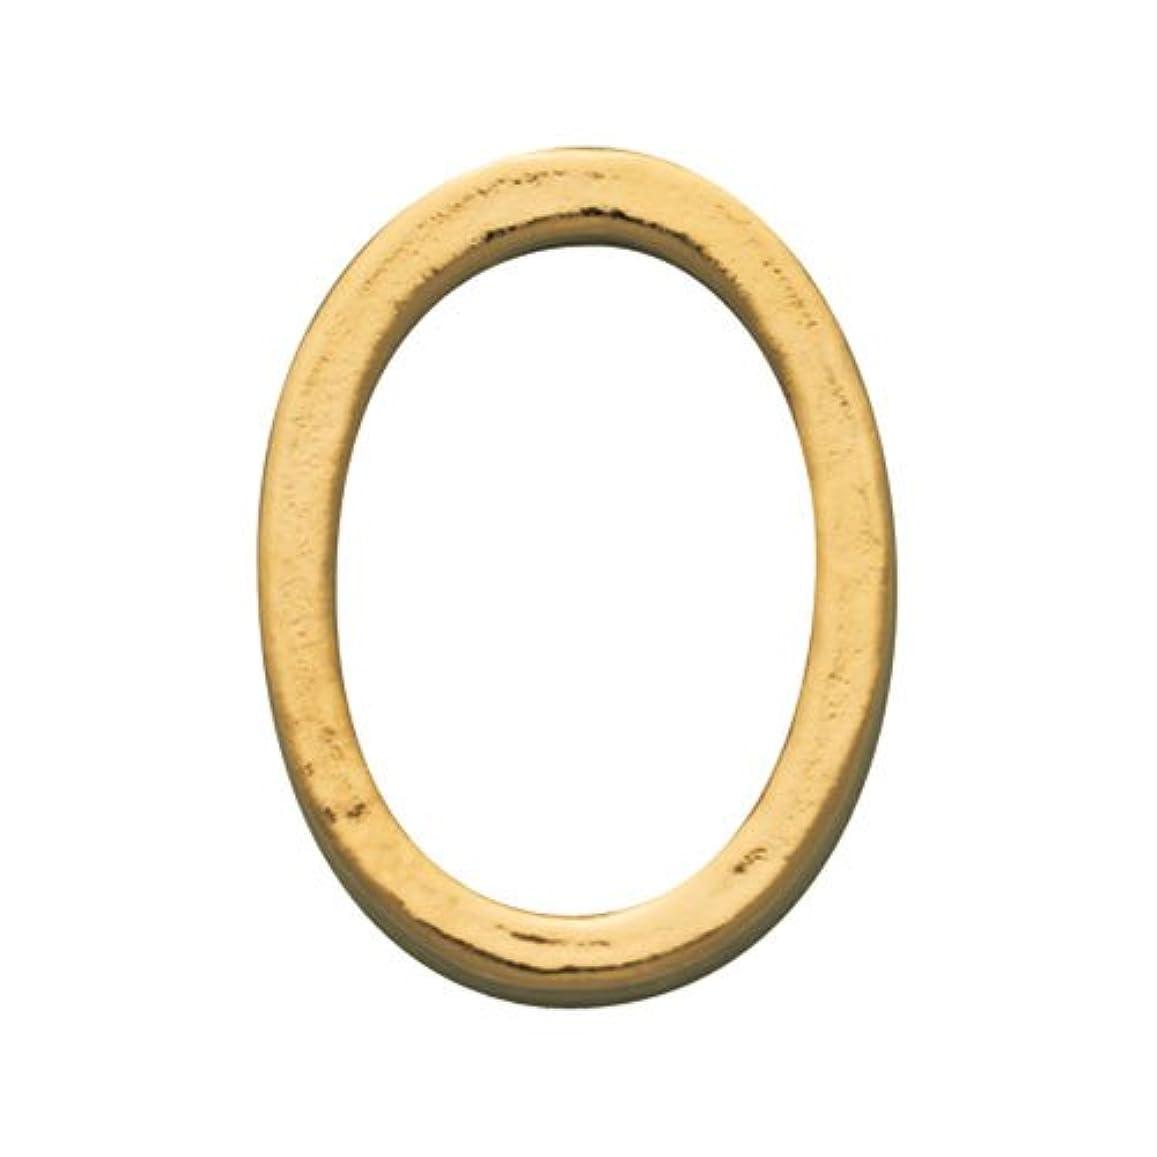 損傷邪魔誇りに思うプリティーネイル ネイルアートパーツ プレーンオーバルL ゴールド  10個